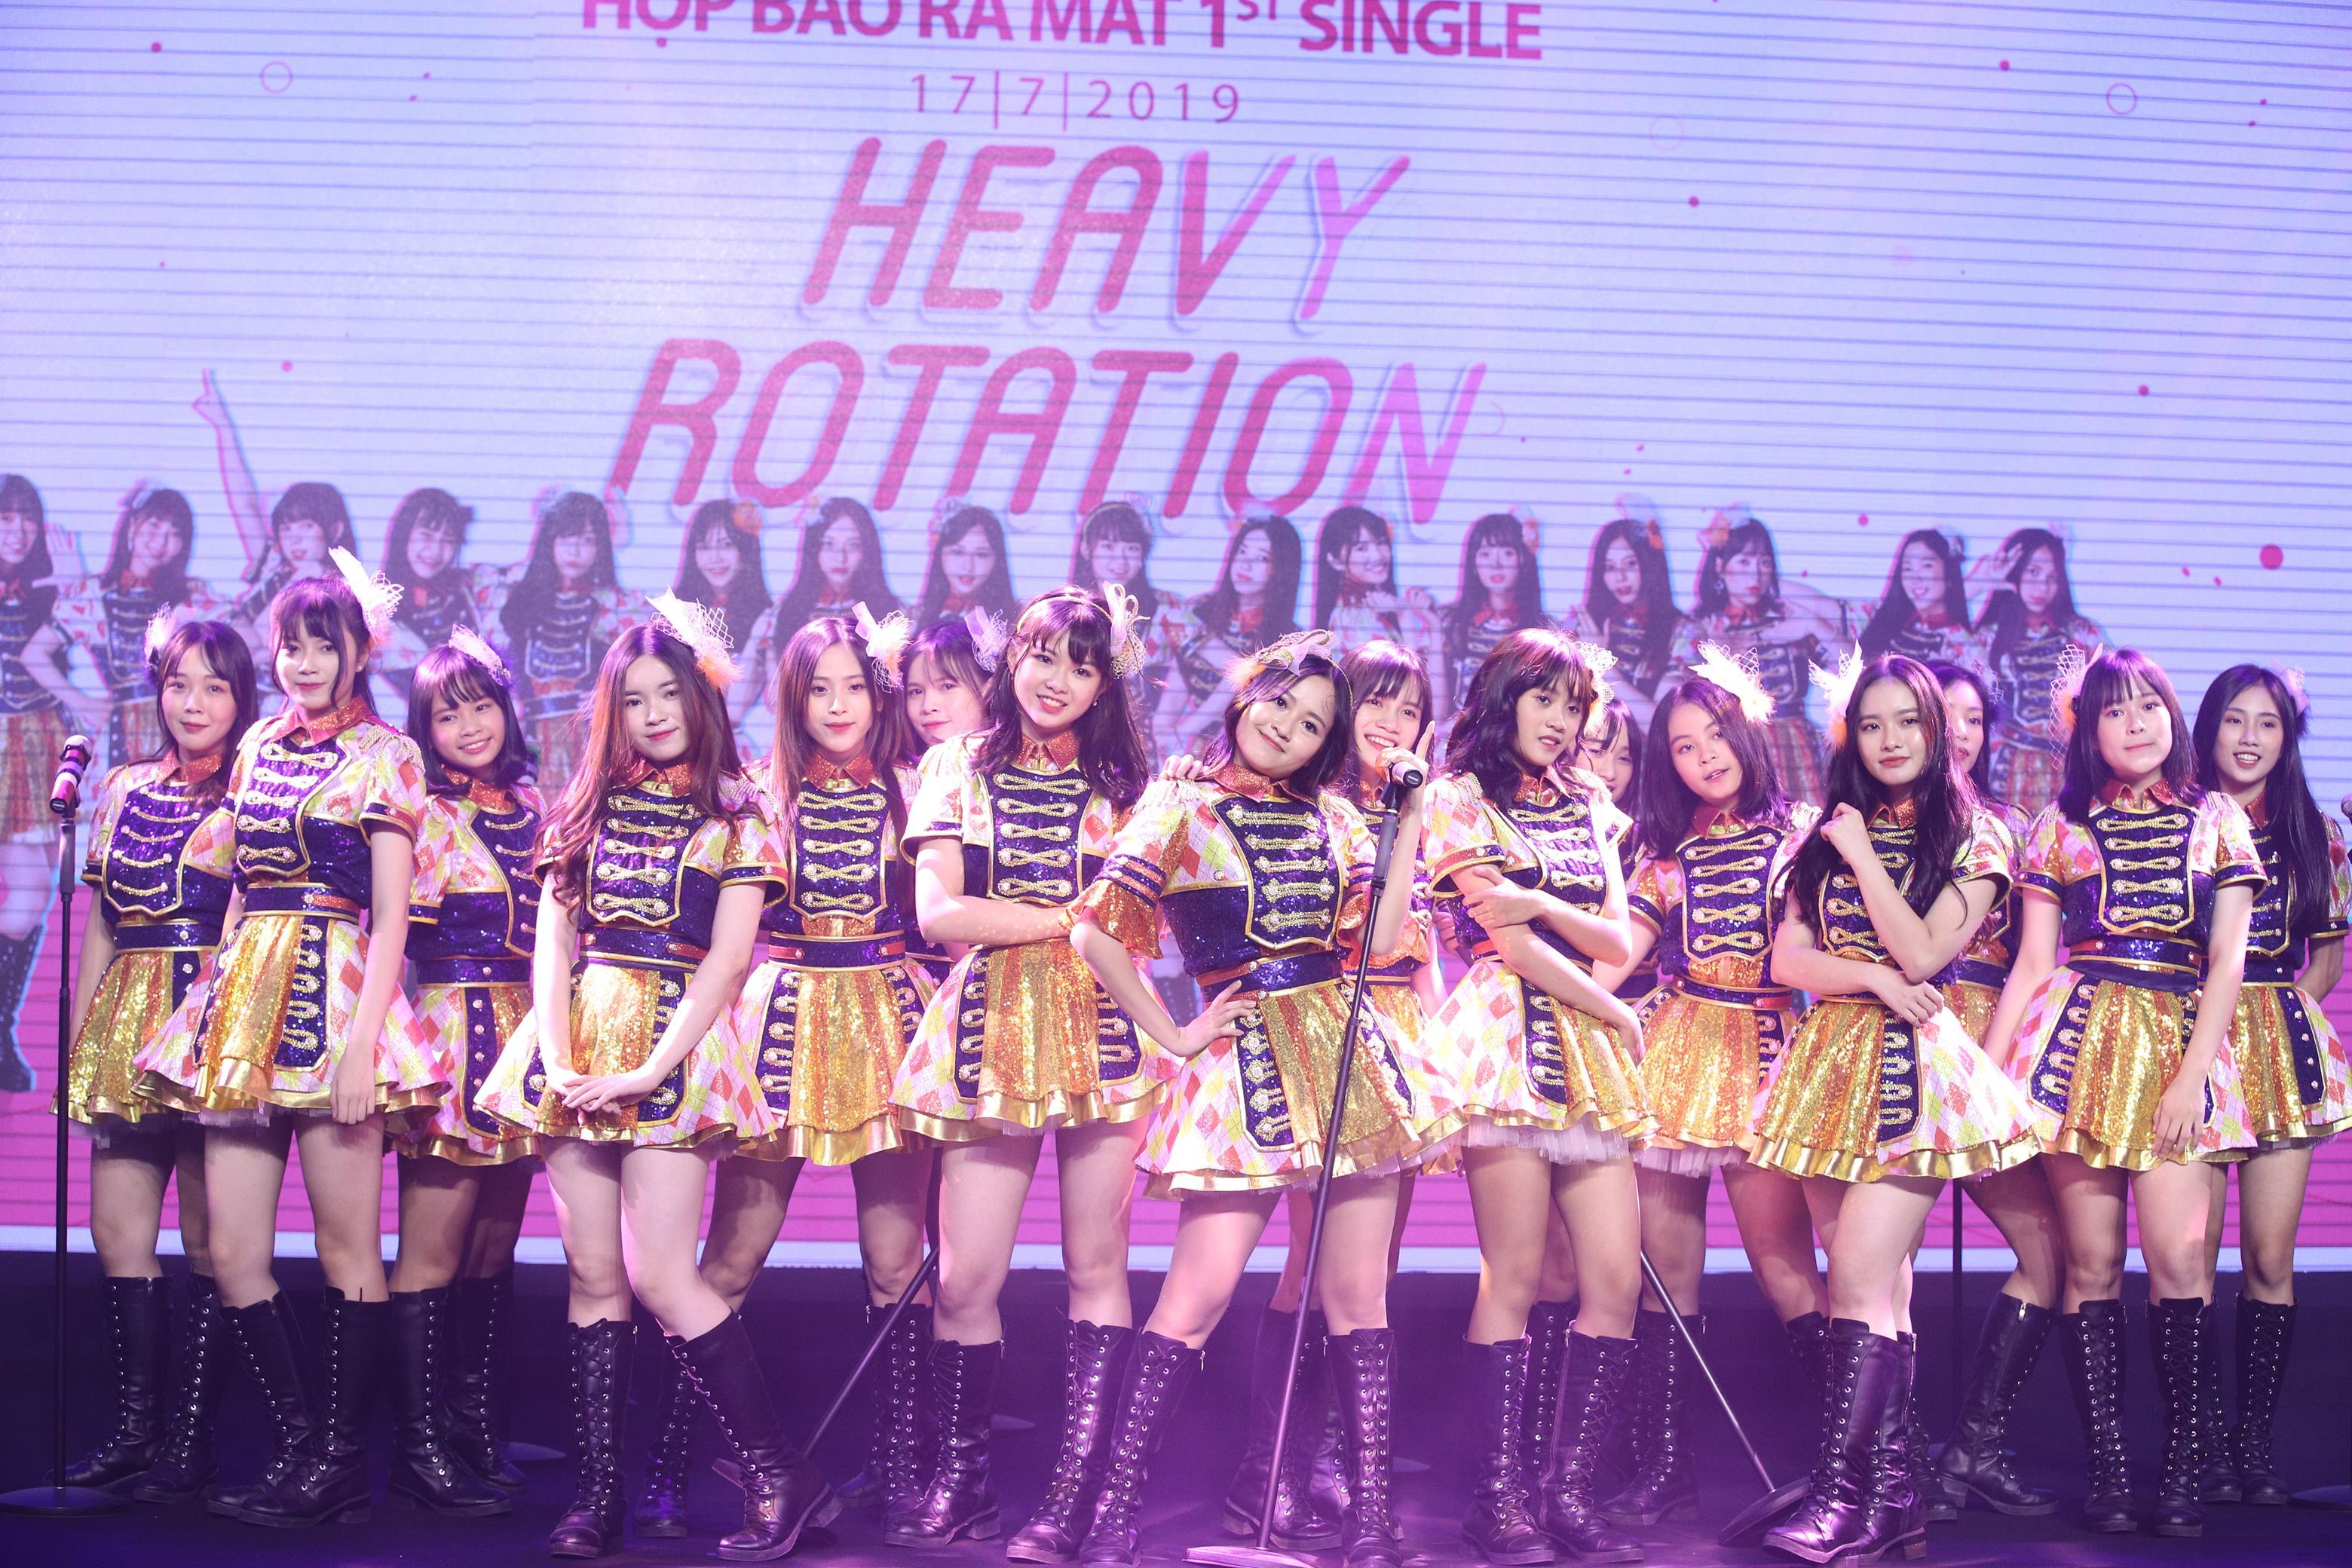 Nhóm nhạc đàn em của AKB48 - SGO48 chính thức phát hành single đầu tiên với sự đầu tư khủng